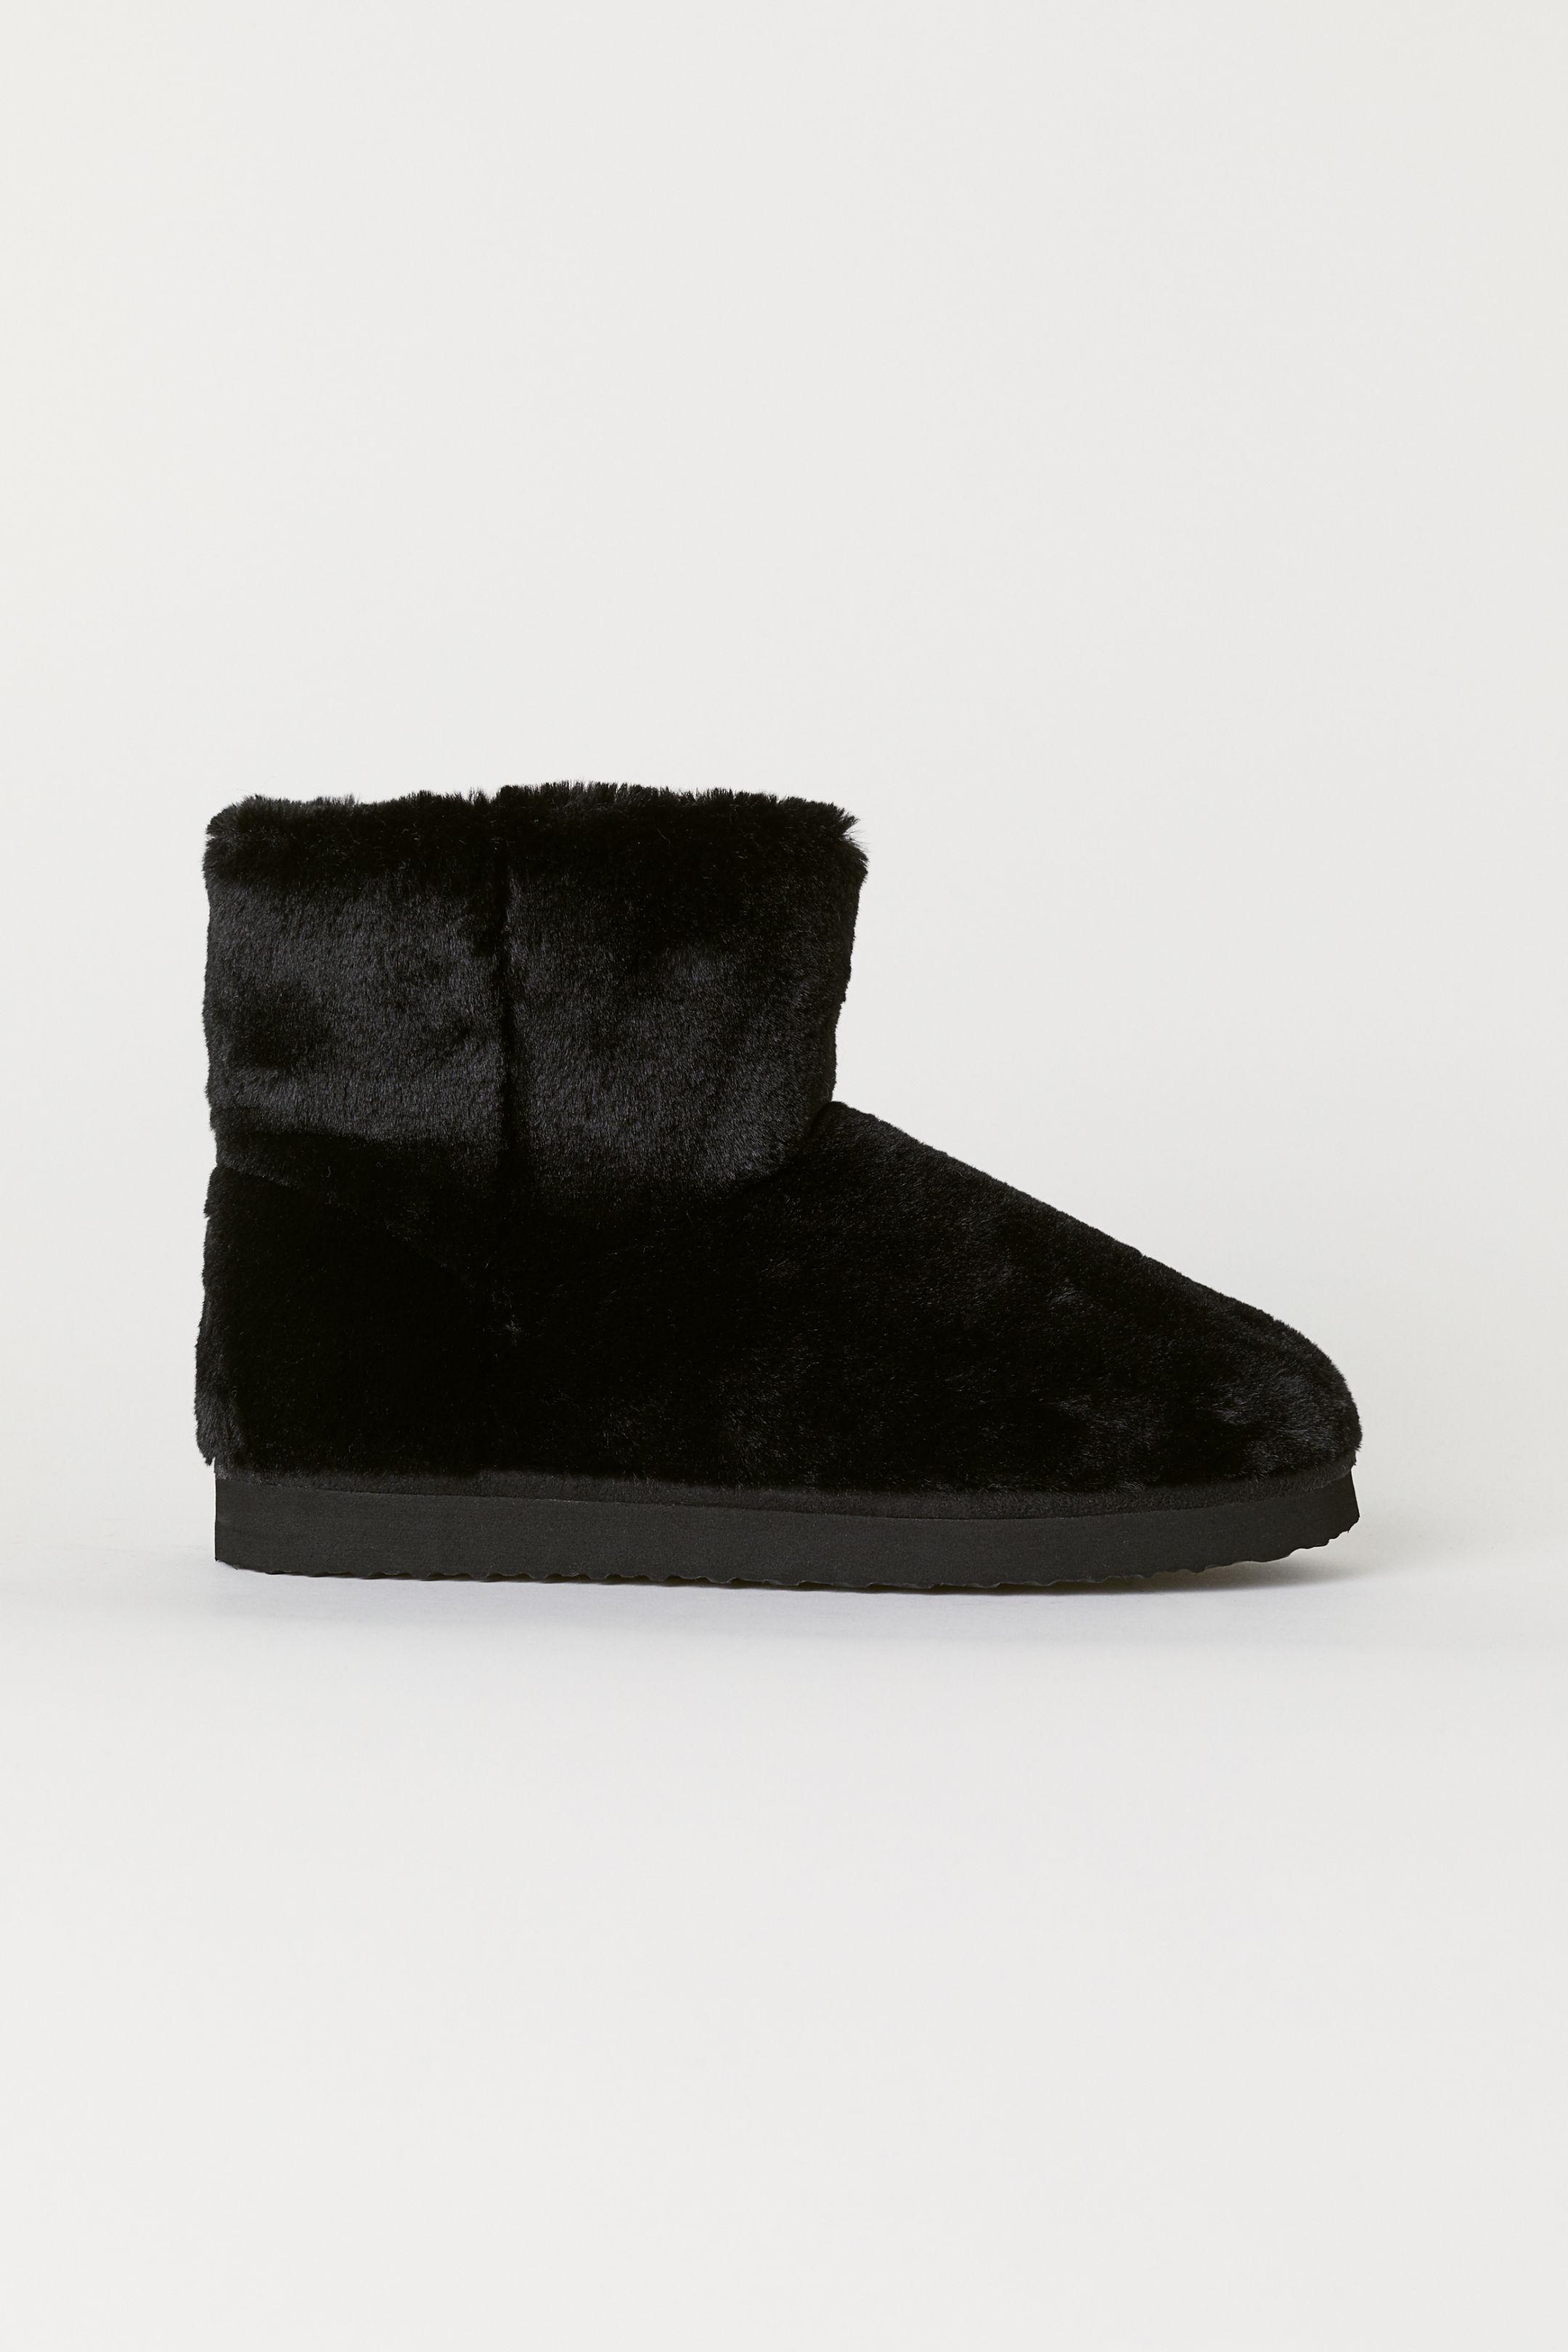 Stivaletti ugg in pelliccia H&M a 14,99 euro autunno inverno 2018 2019